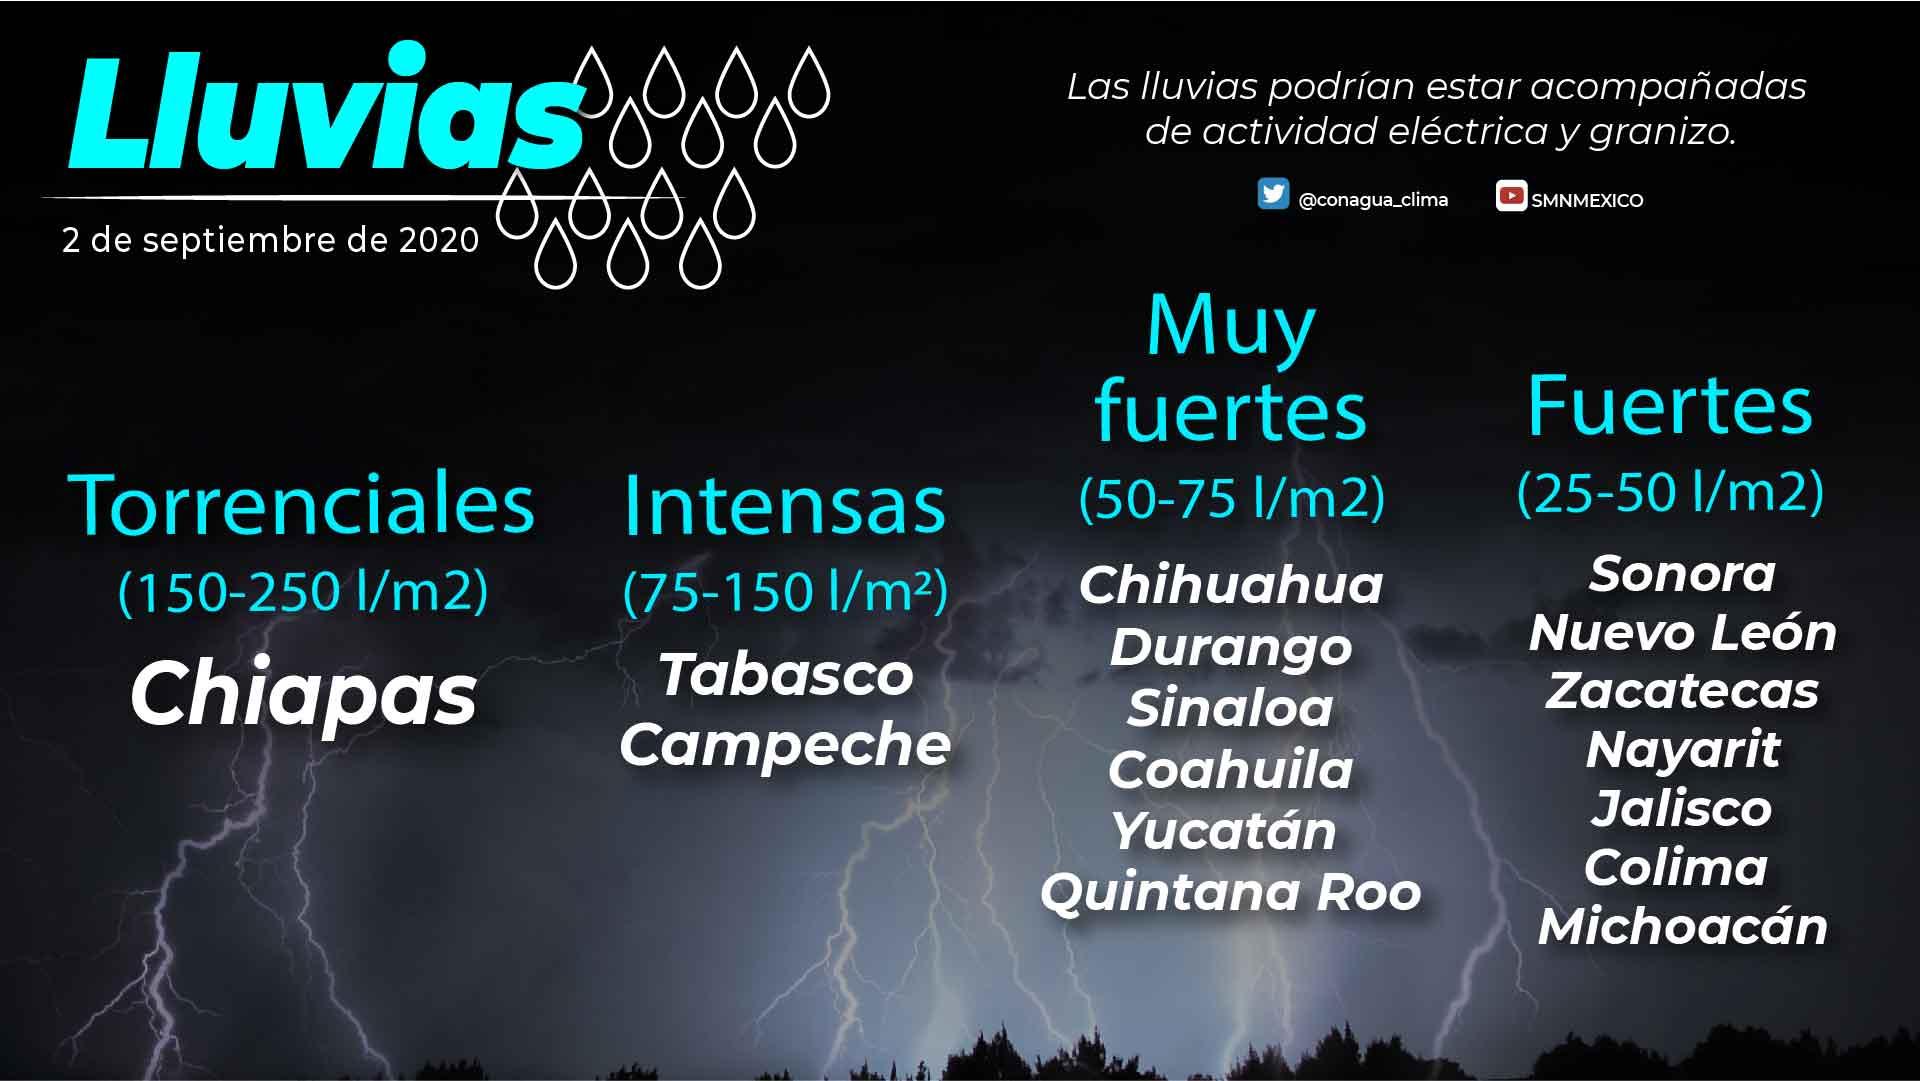 La tormenta tropical Nana ocasionará lluvias torrenciales en Chiapas, e intensas en Campeche y Tabasco